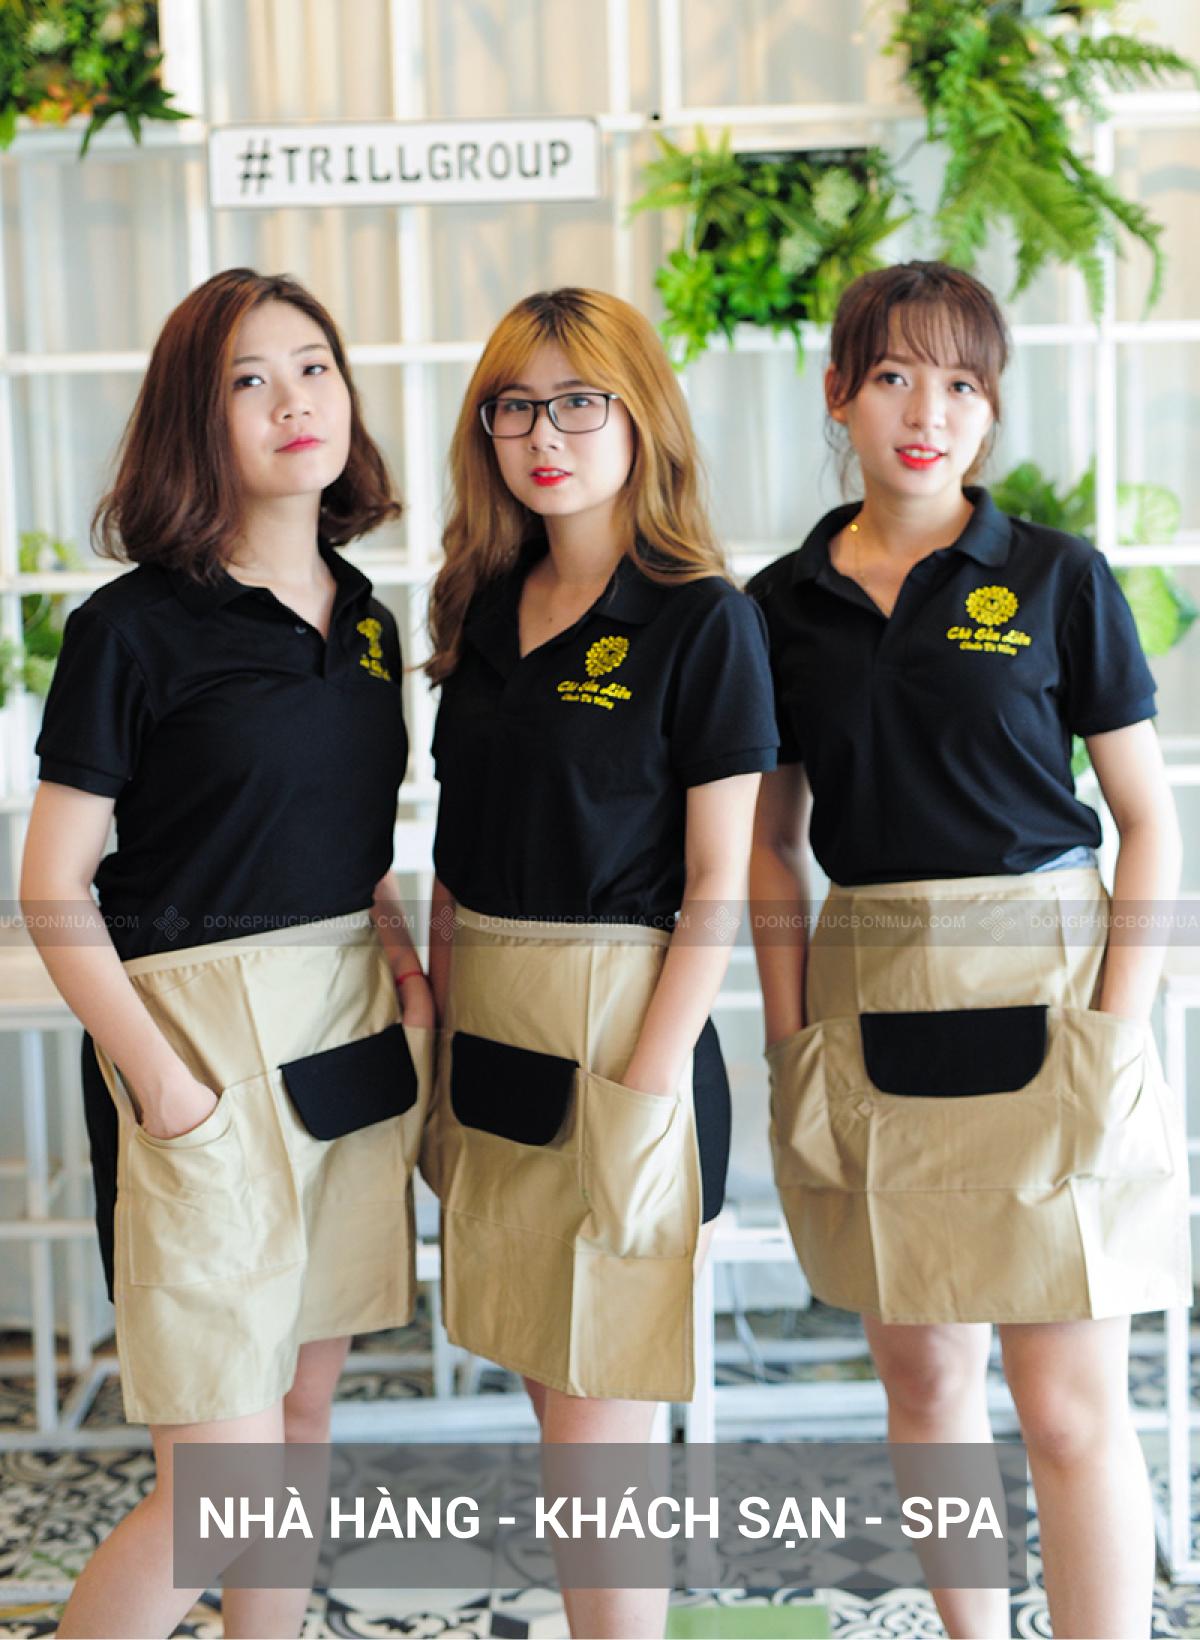 Đồng phục mang đến sự chuyên nghiệp cho đội ngũ nhân viên.